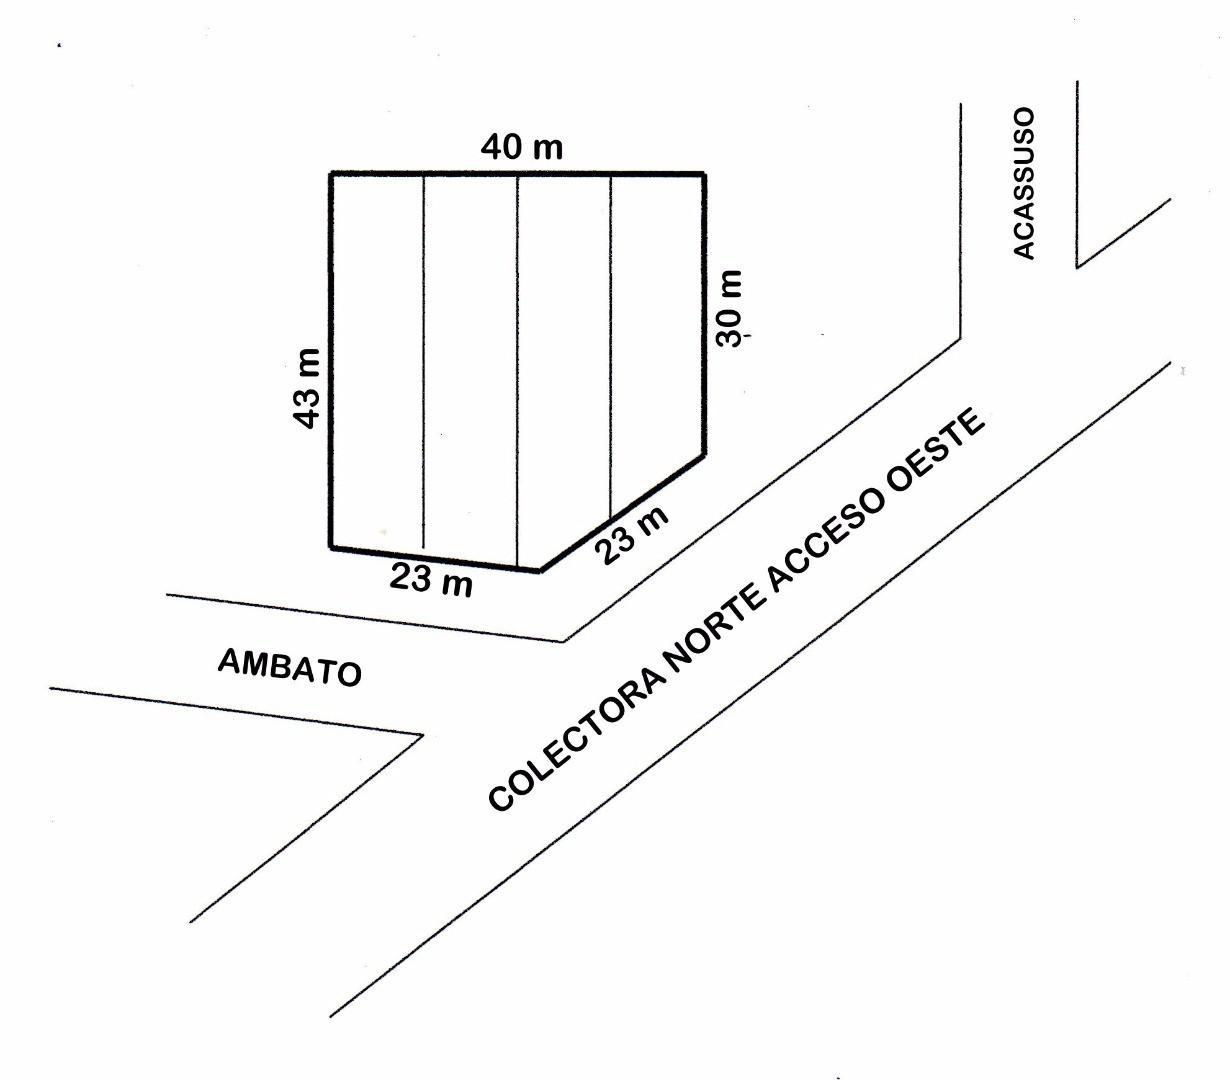 CUATRO LOTES EN BLOCK - SOBRE COLECTORA NORTE ACCESO OESTE KM 47